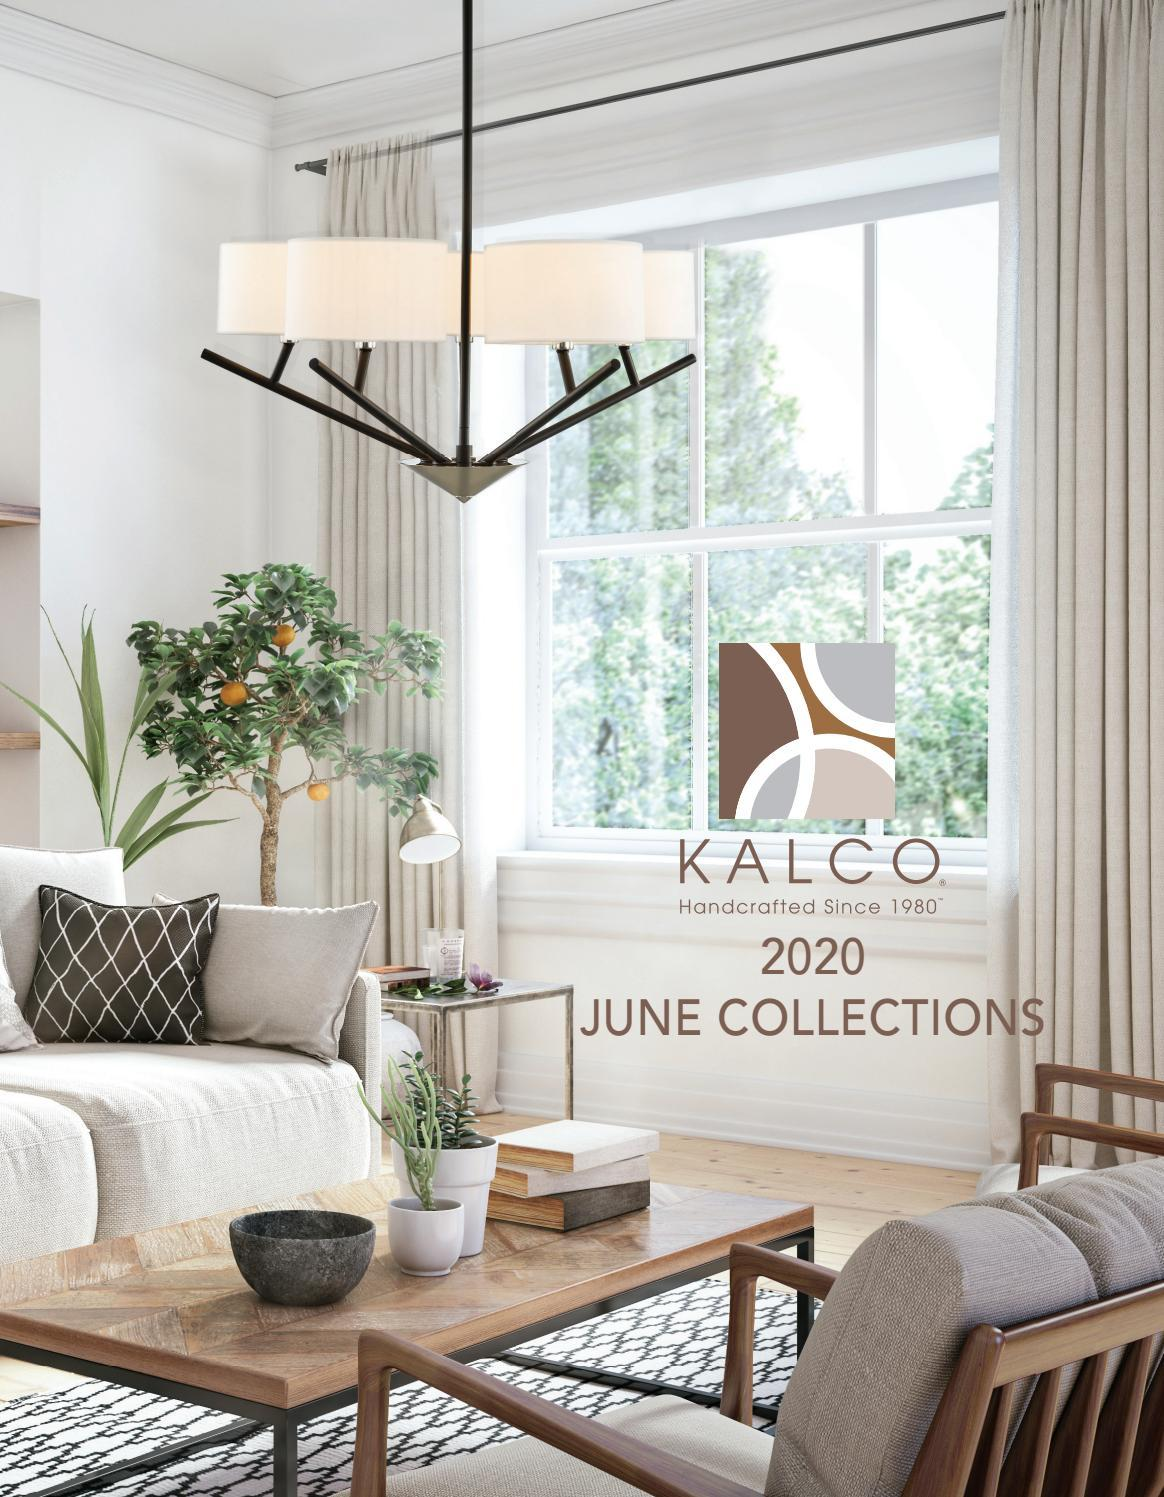 Kalco Lighting